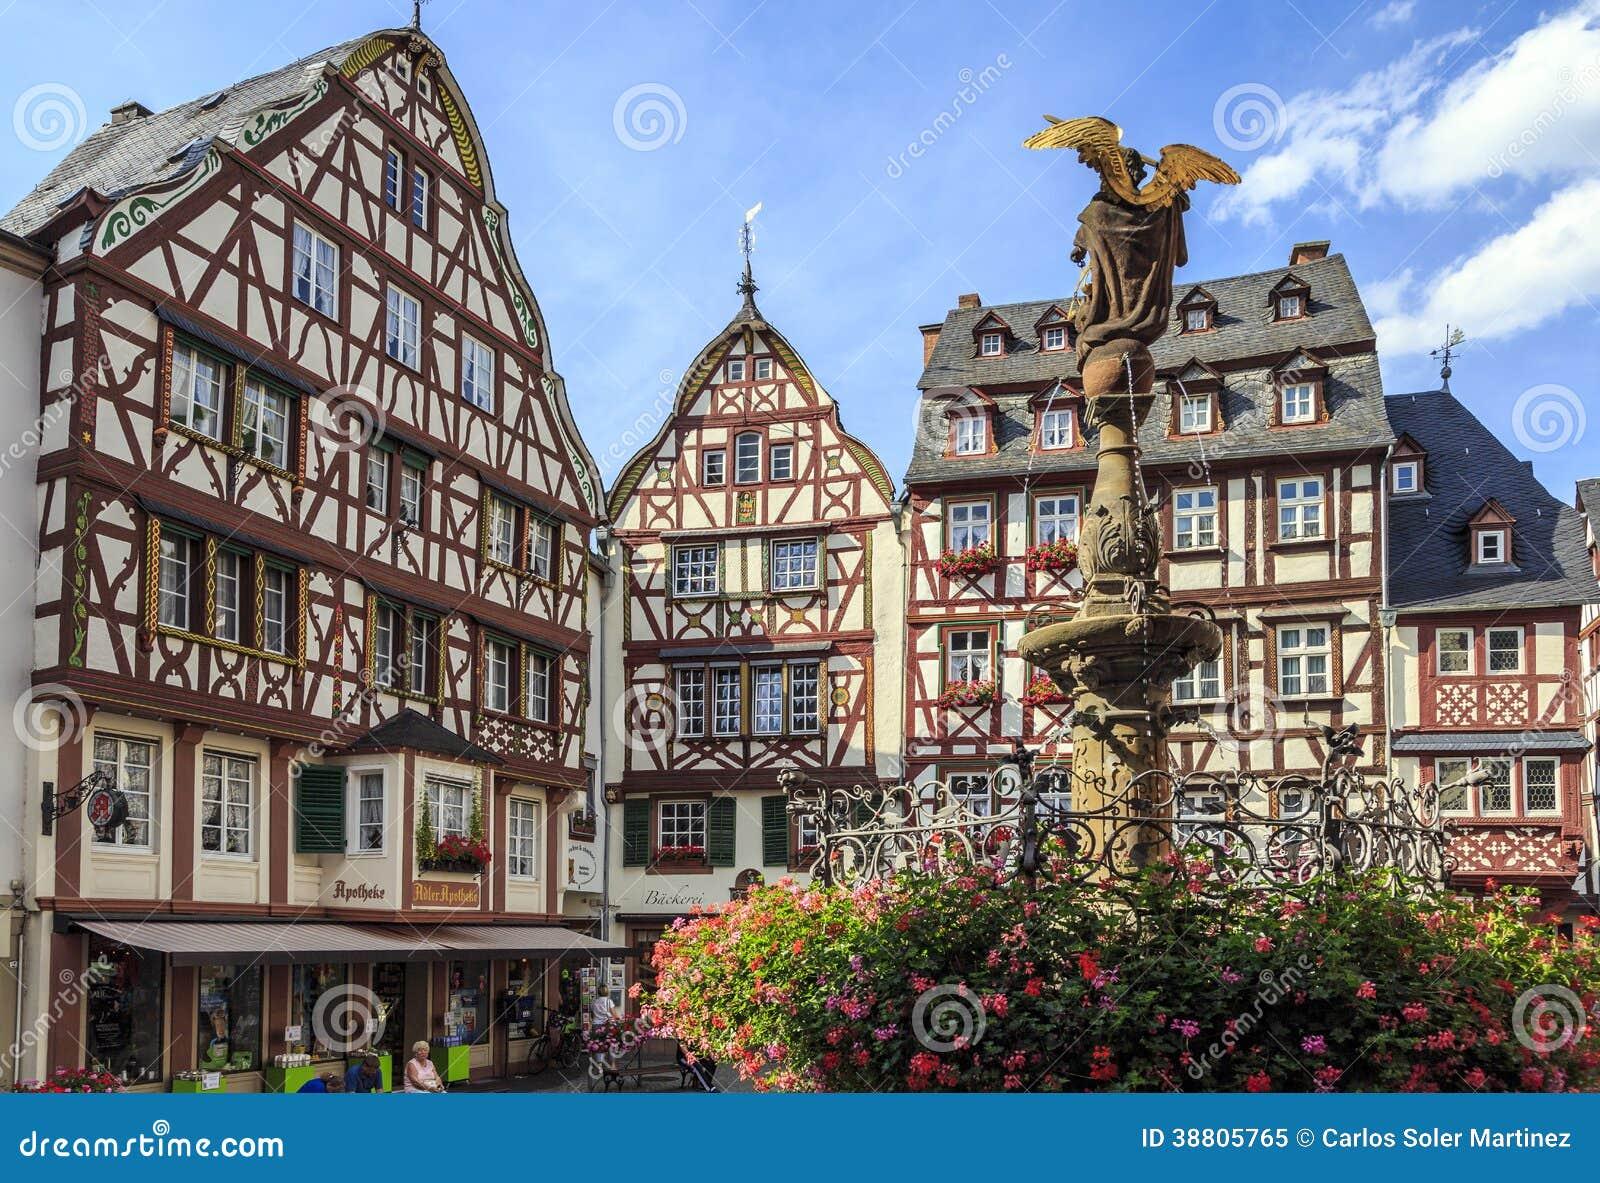 Bernkastel Kues, Deutschland  Redaktionelles Bild   Bild  38805765